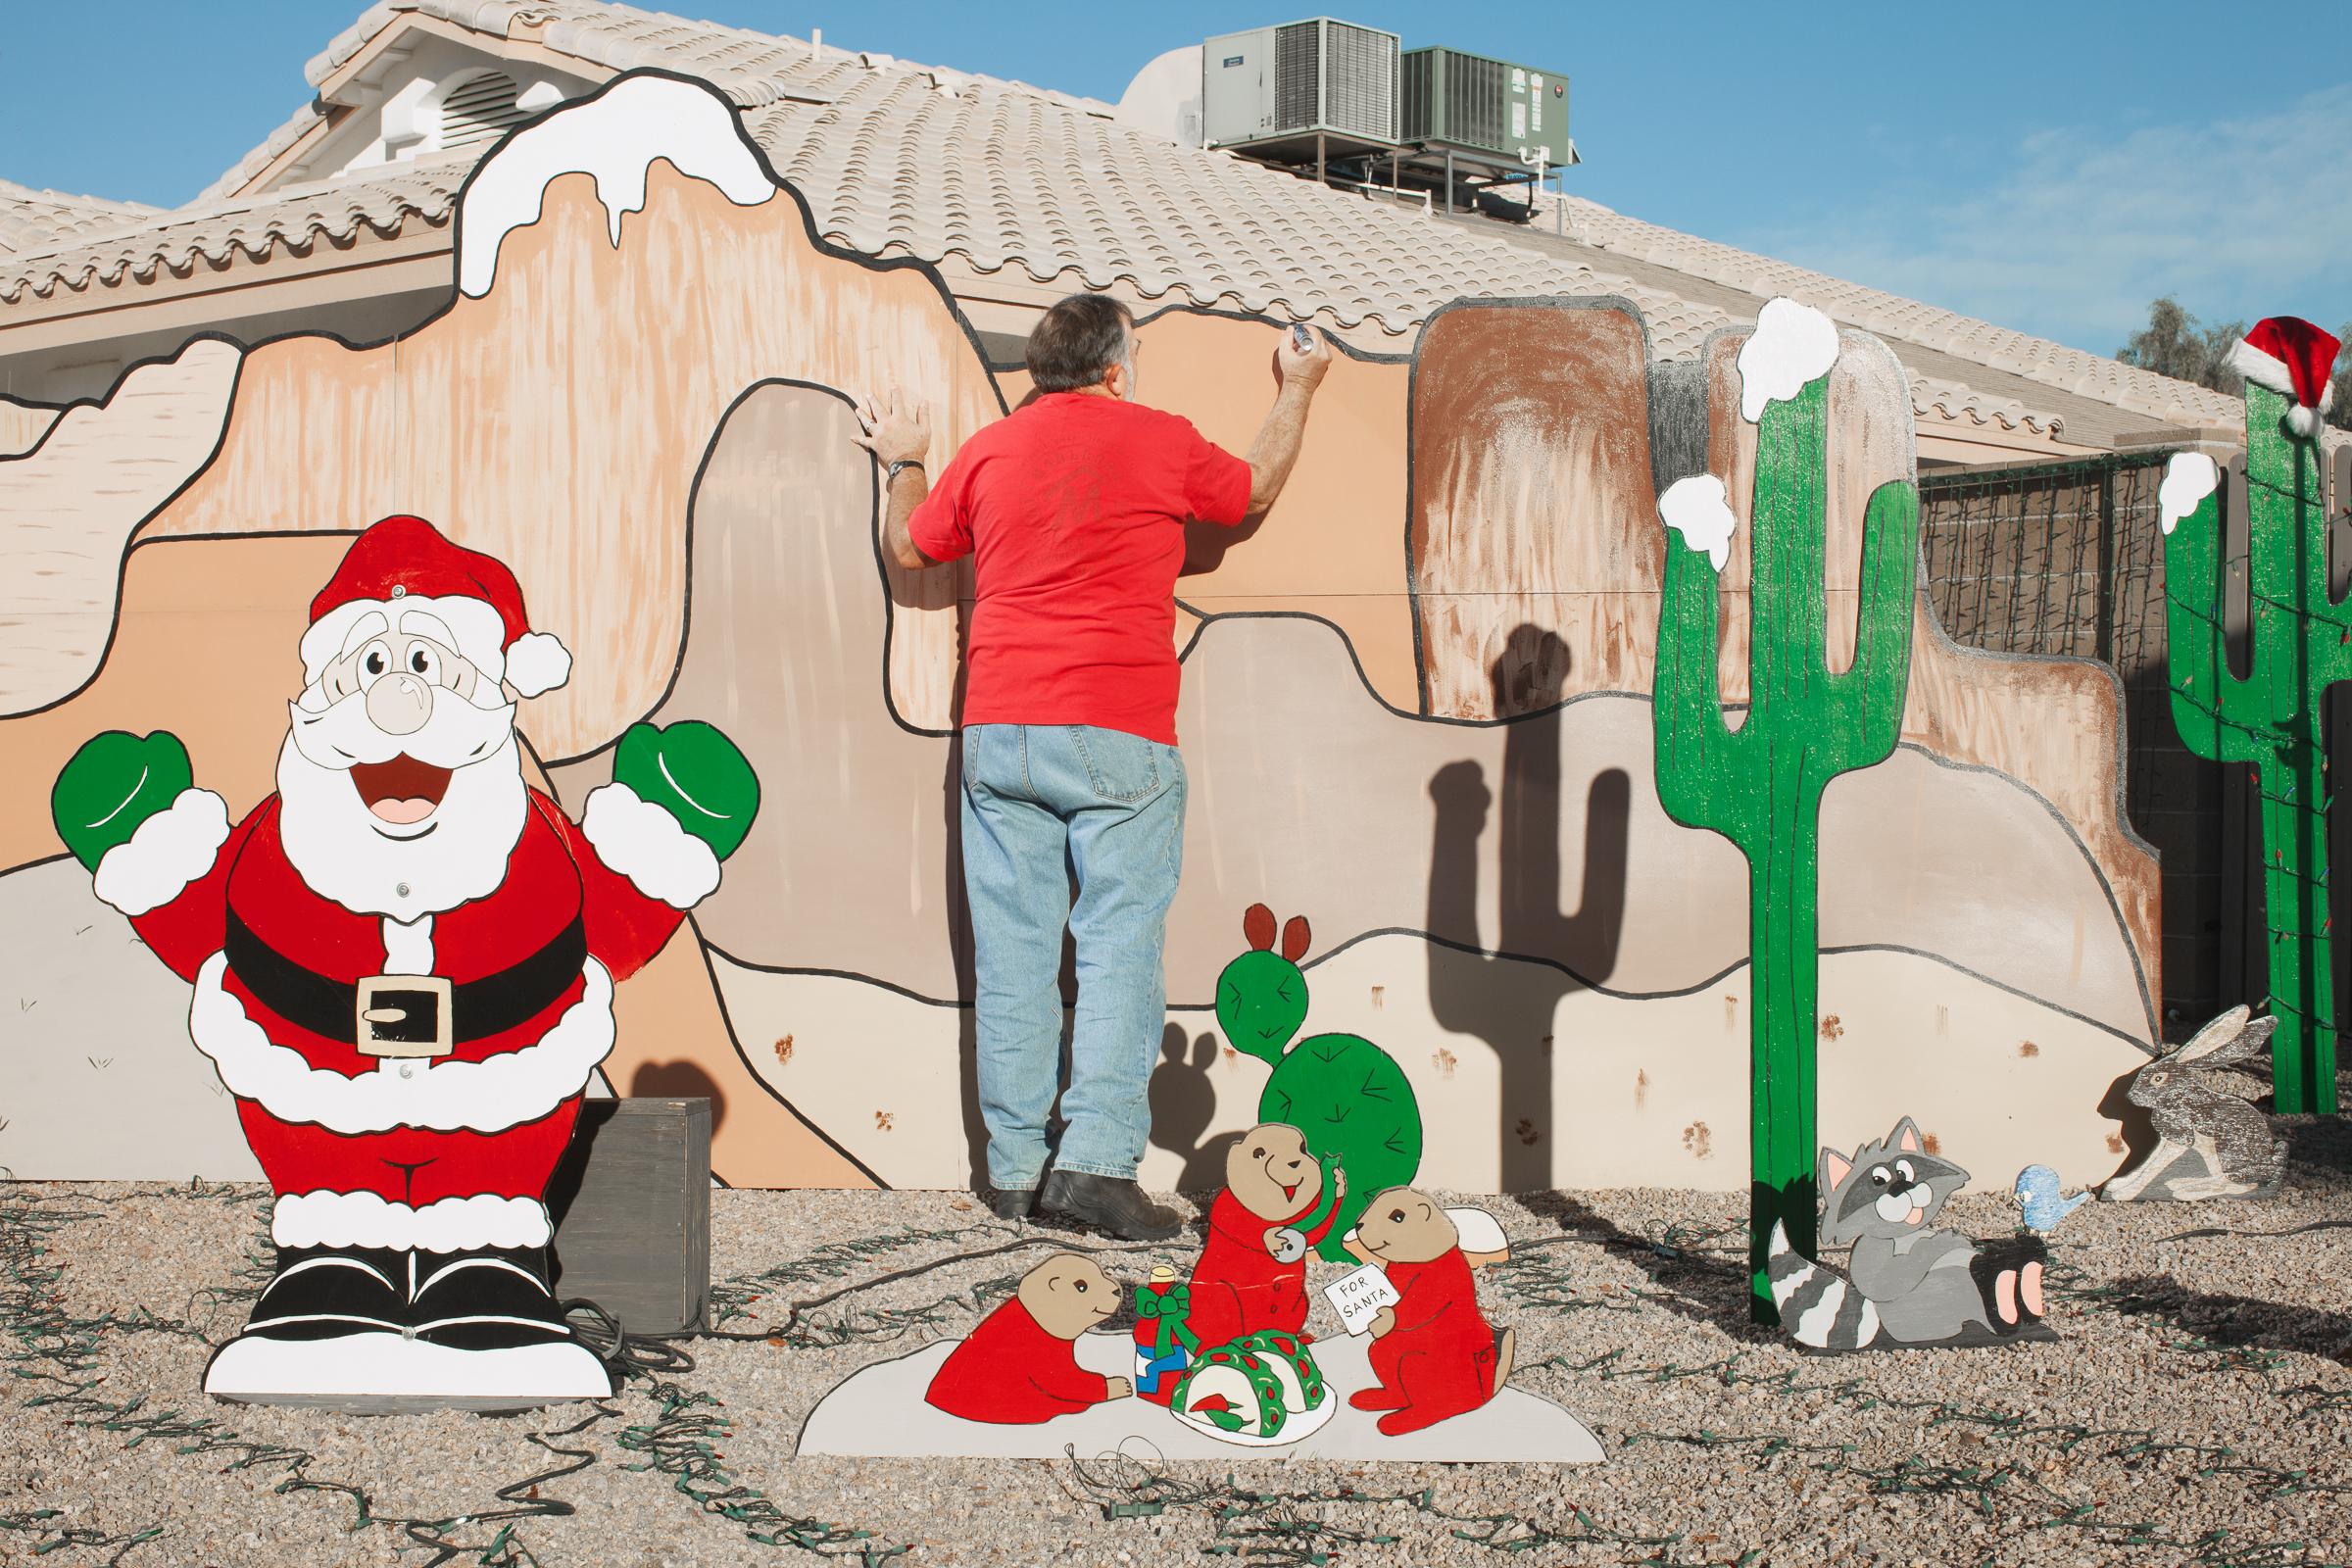 Grand Canyon Christmas.  Gilbert, AZ . 2012 Residence